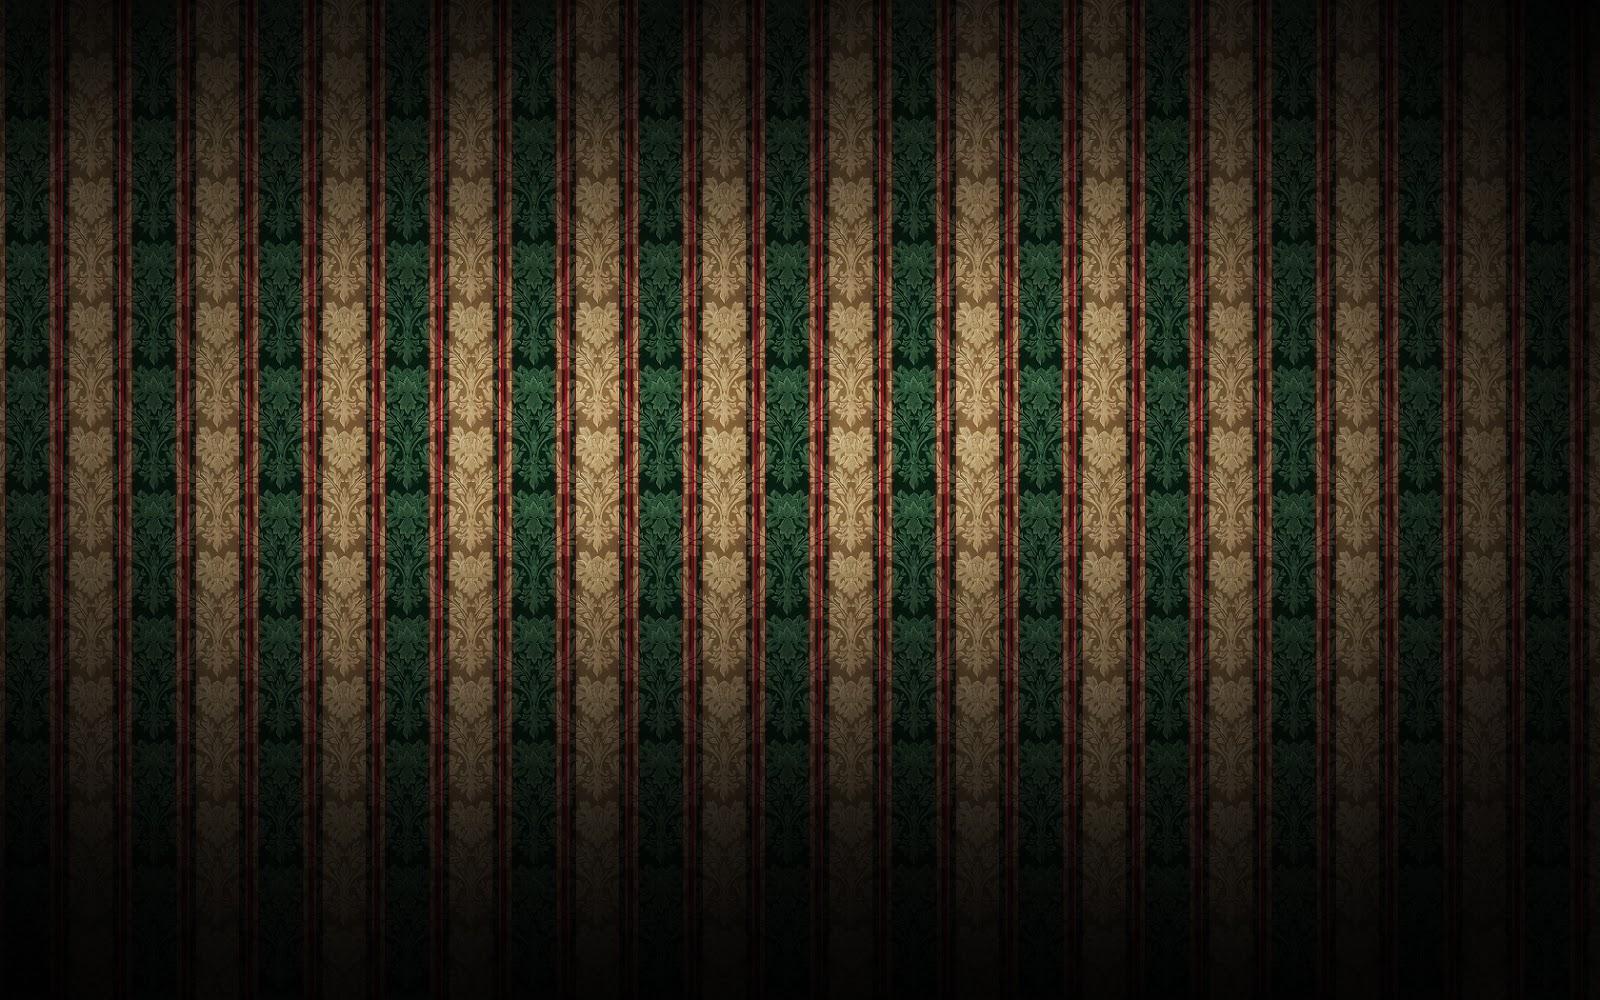 Fondos Verdes De Navidad Para Pantalla Hd 2 Hd Wallpapers: Imagenes Y Wallpapers: Fondo De Pantalla Abstracto Pared